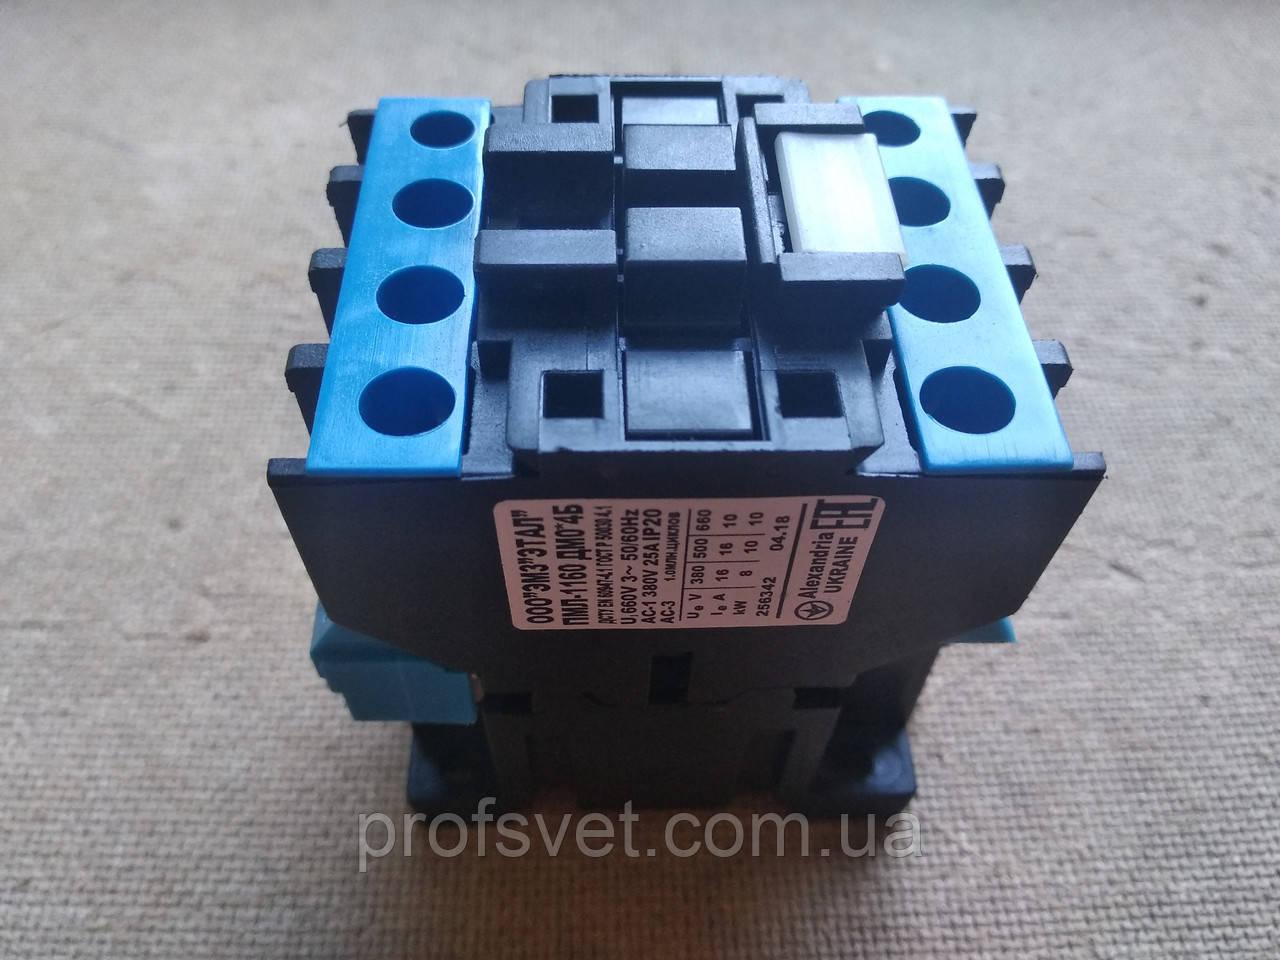 Контактор ПМЛ-1160-ДМ пускатель 16А Дин